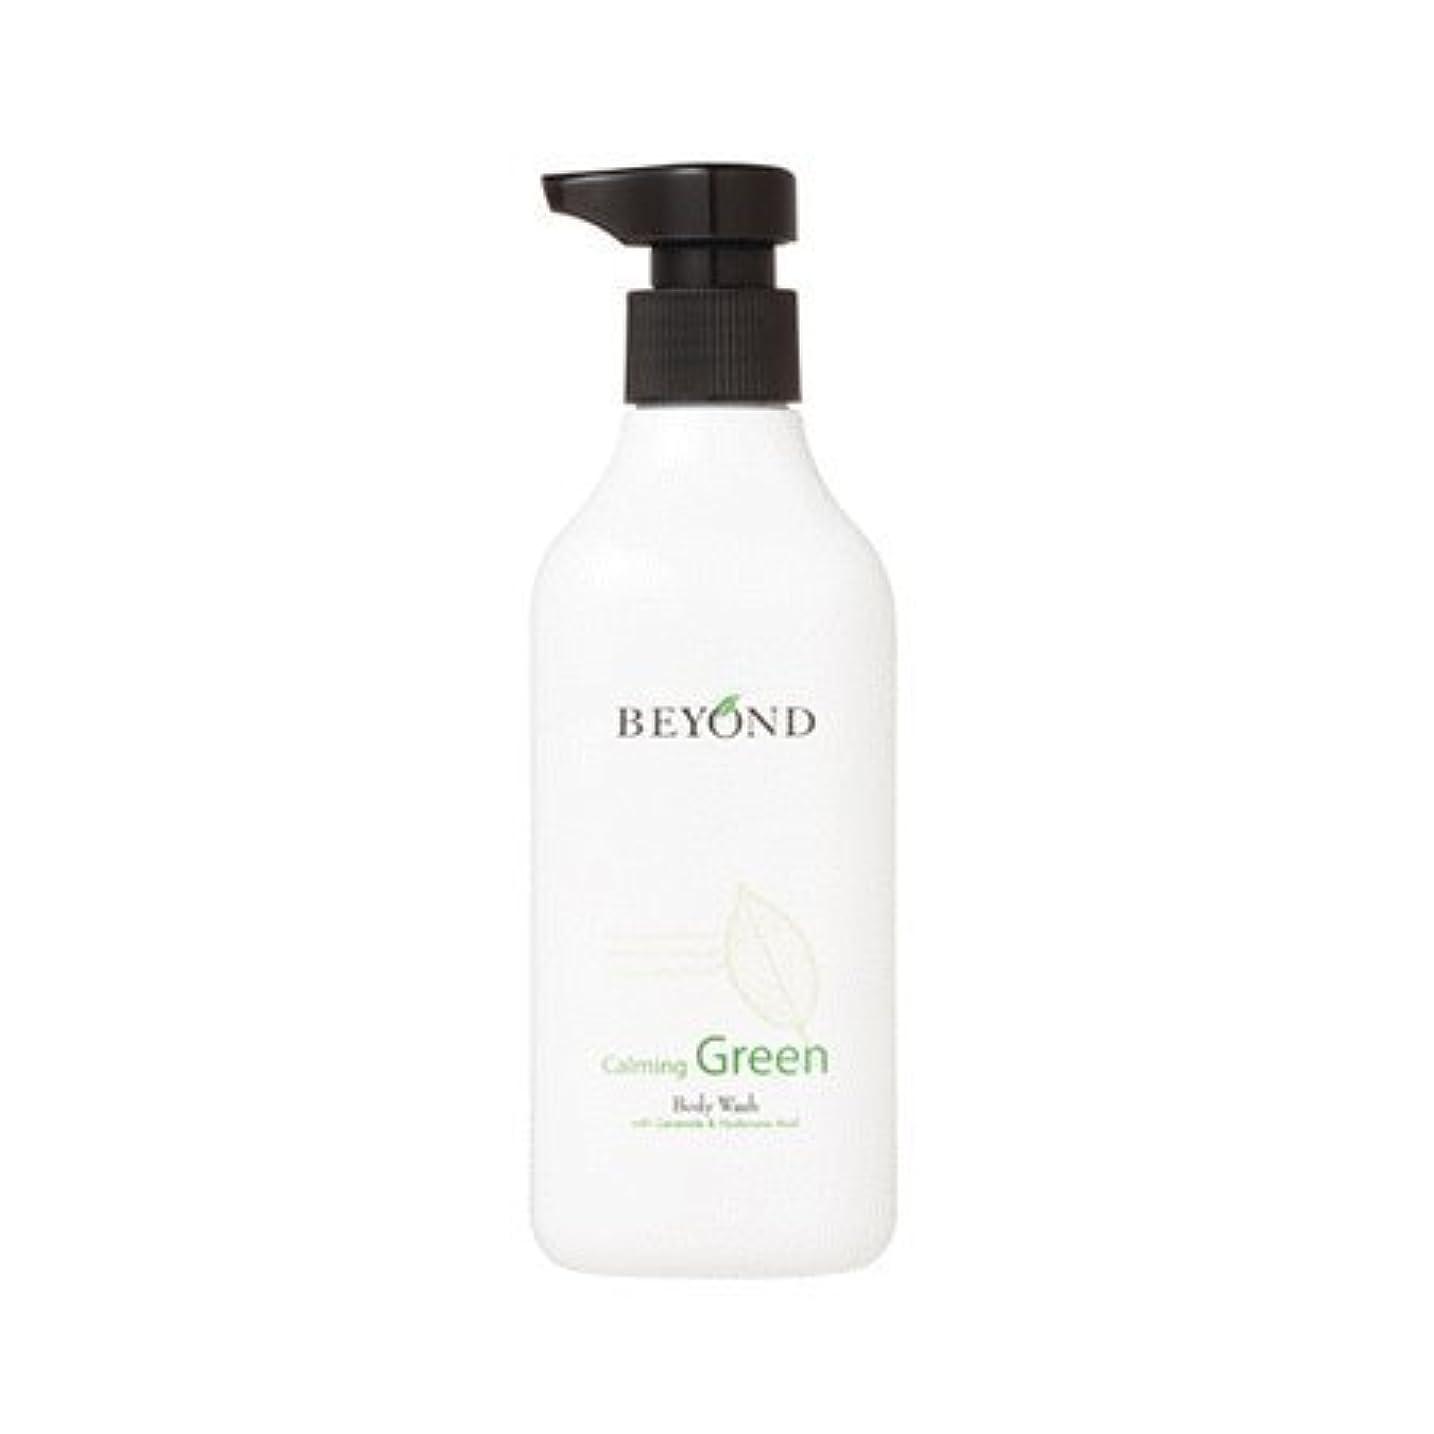 年次モンキー寄り添うBeyond calming green body wash 300ml